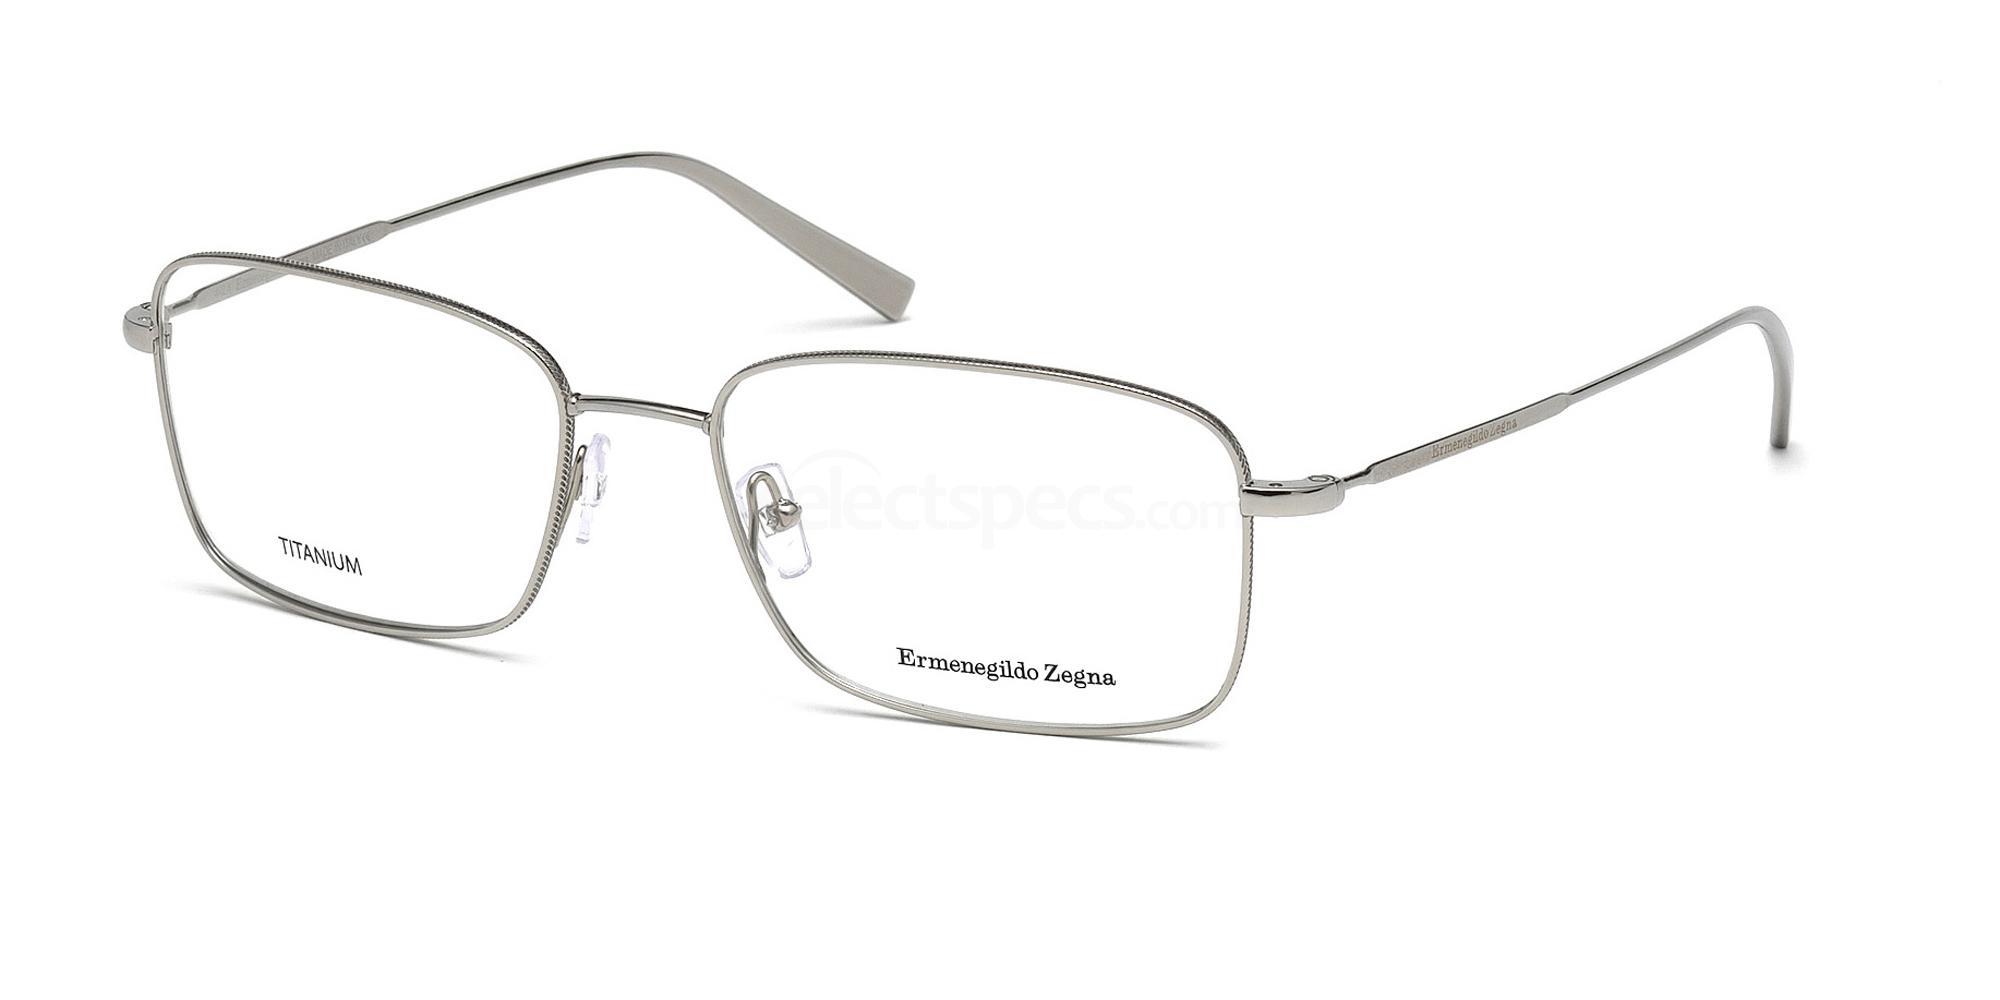 014 EZ5018 Glasses, Ermenegildo Zegna